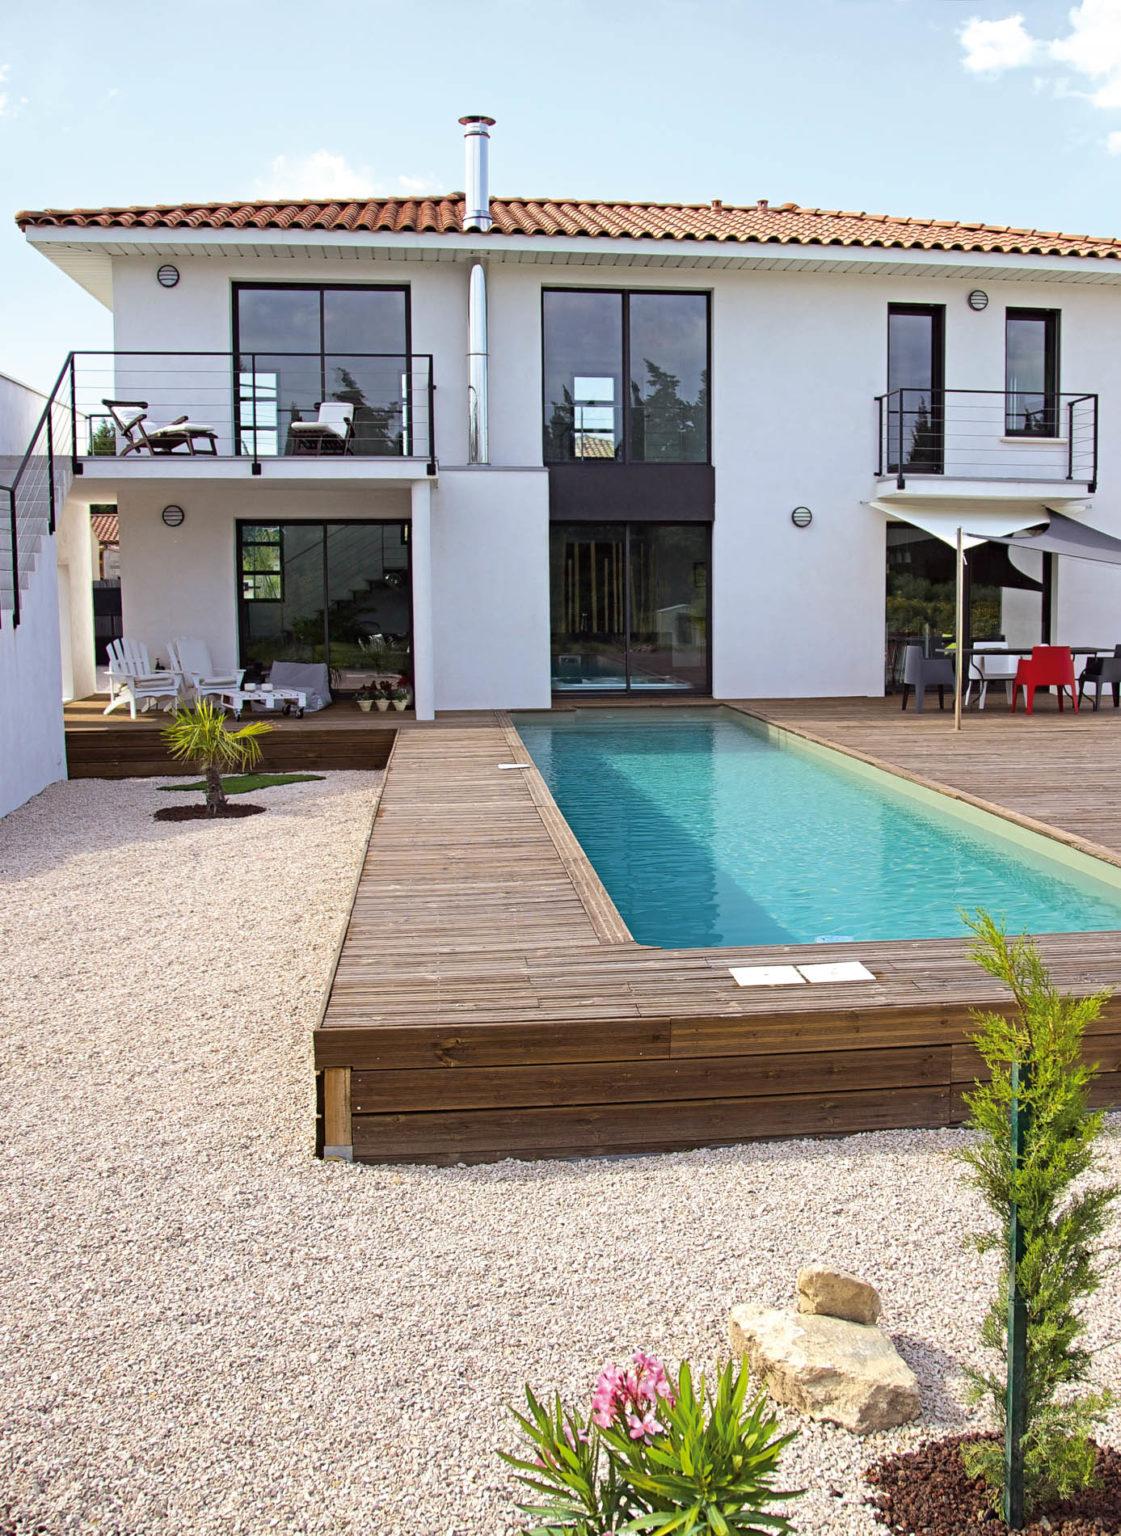 villa-contemporaine-lumiere-21